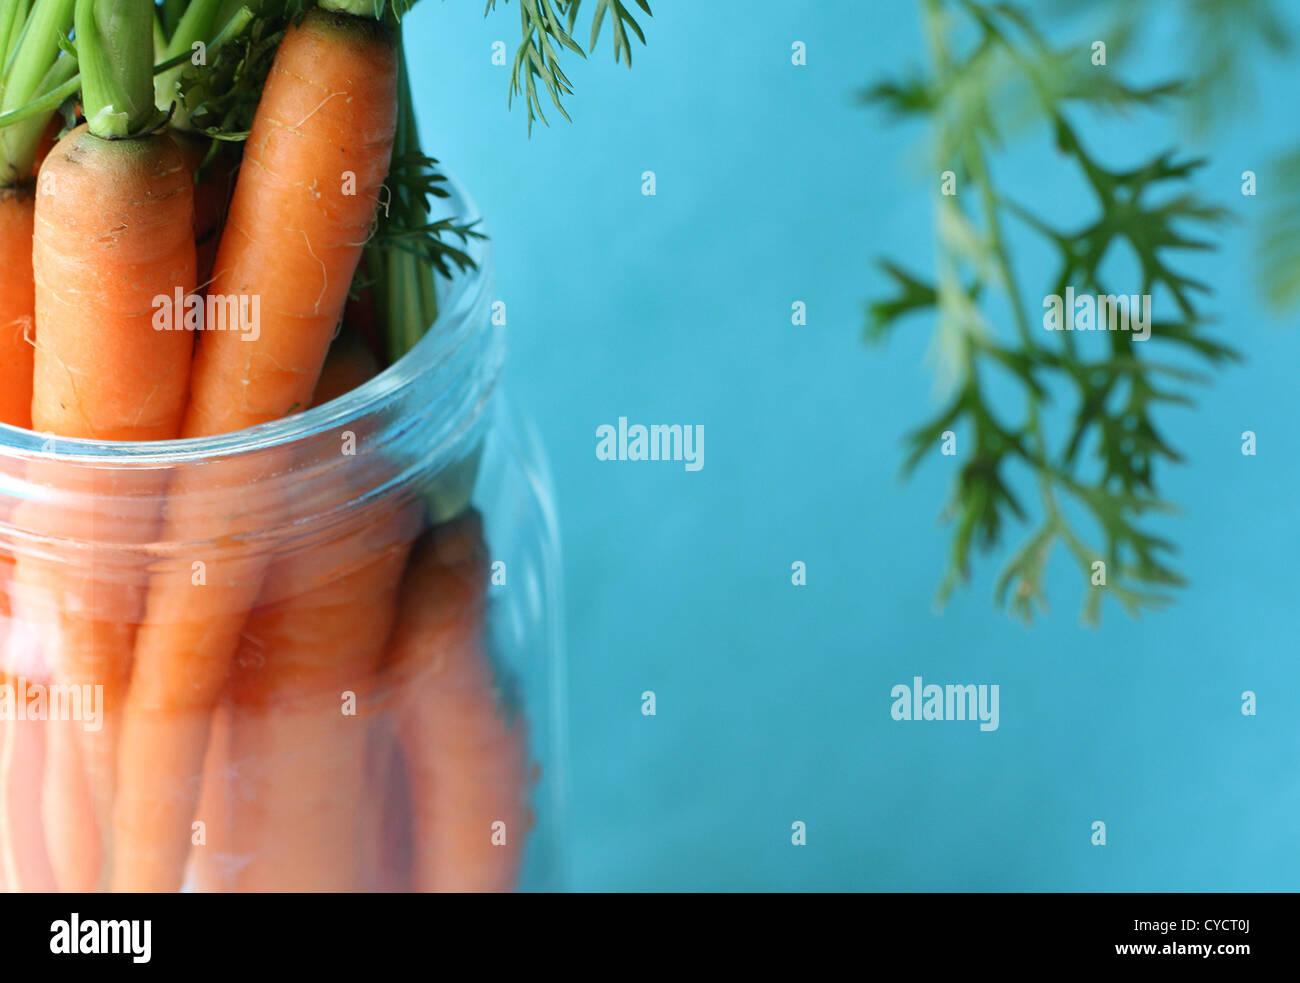 Gemüse, Karotten Stockbild